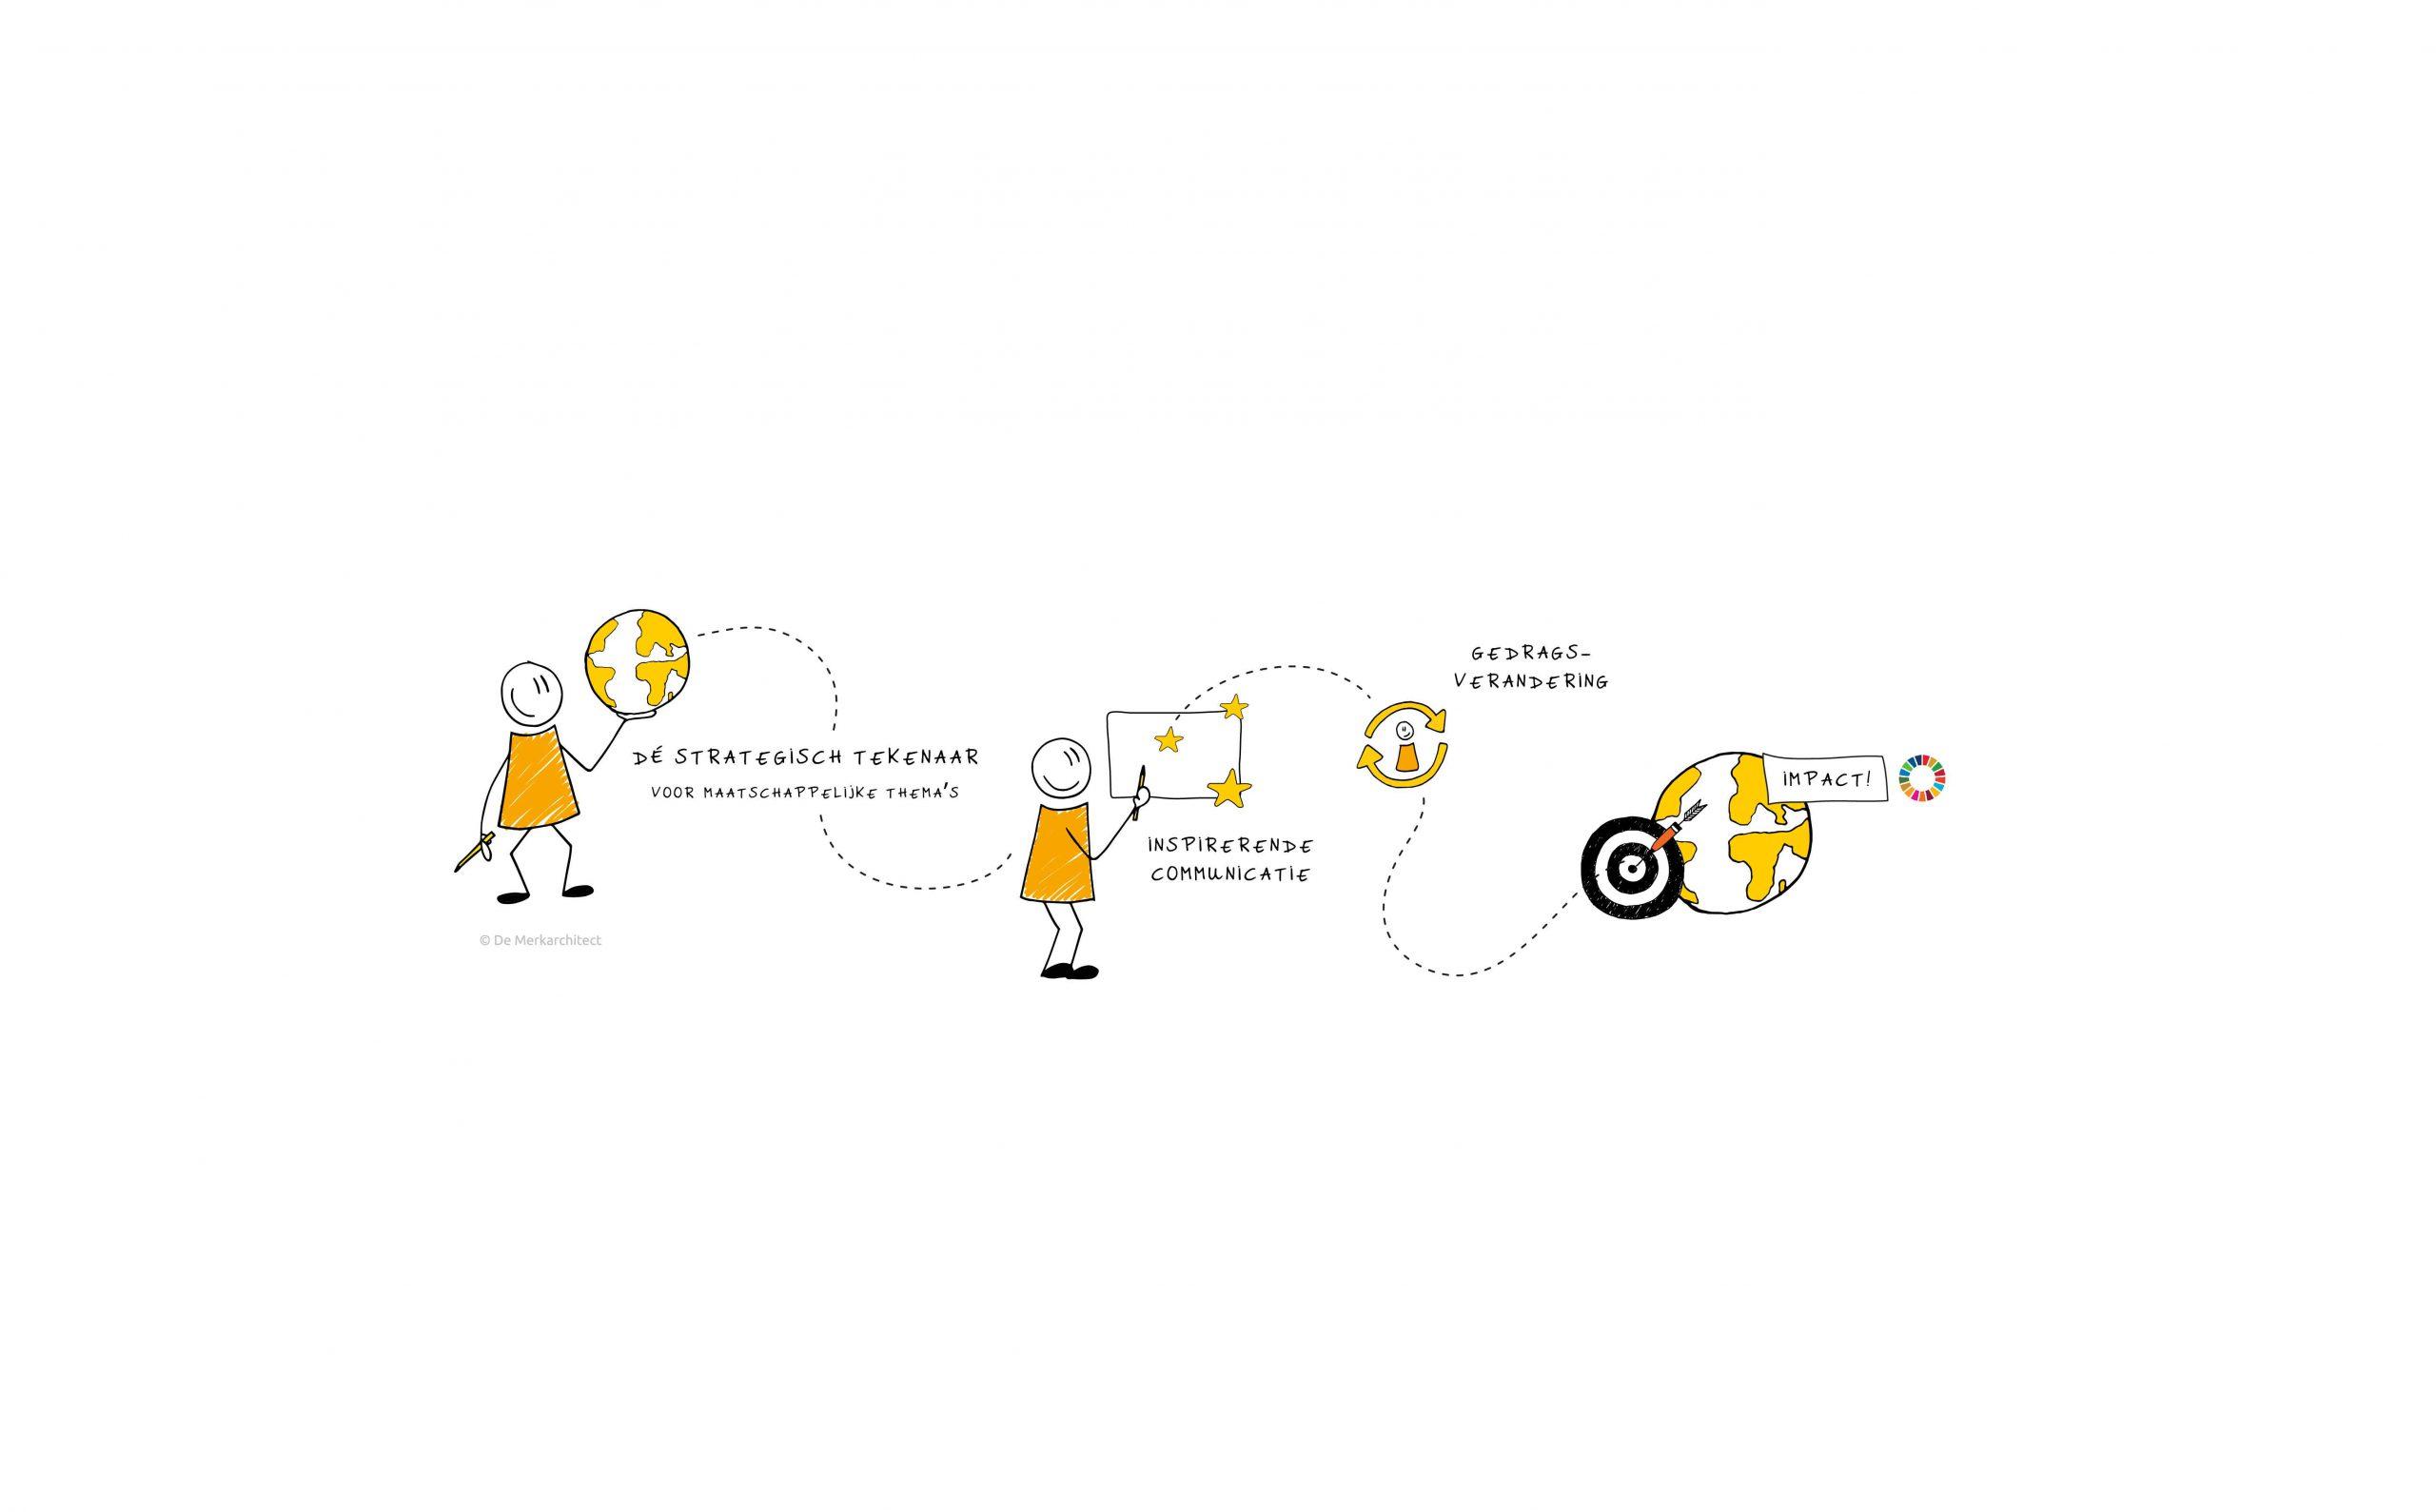 Leonie Haas, verhaal, visueel vertaler, illustration, illustratie, tekenen, visual, visualisatie, strategie, merkverhaal, maatschappij, merk, branding, animatie, praatplaat, visuele strategie, merkarchitect